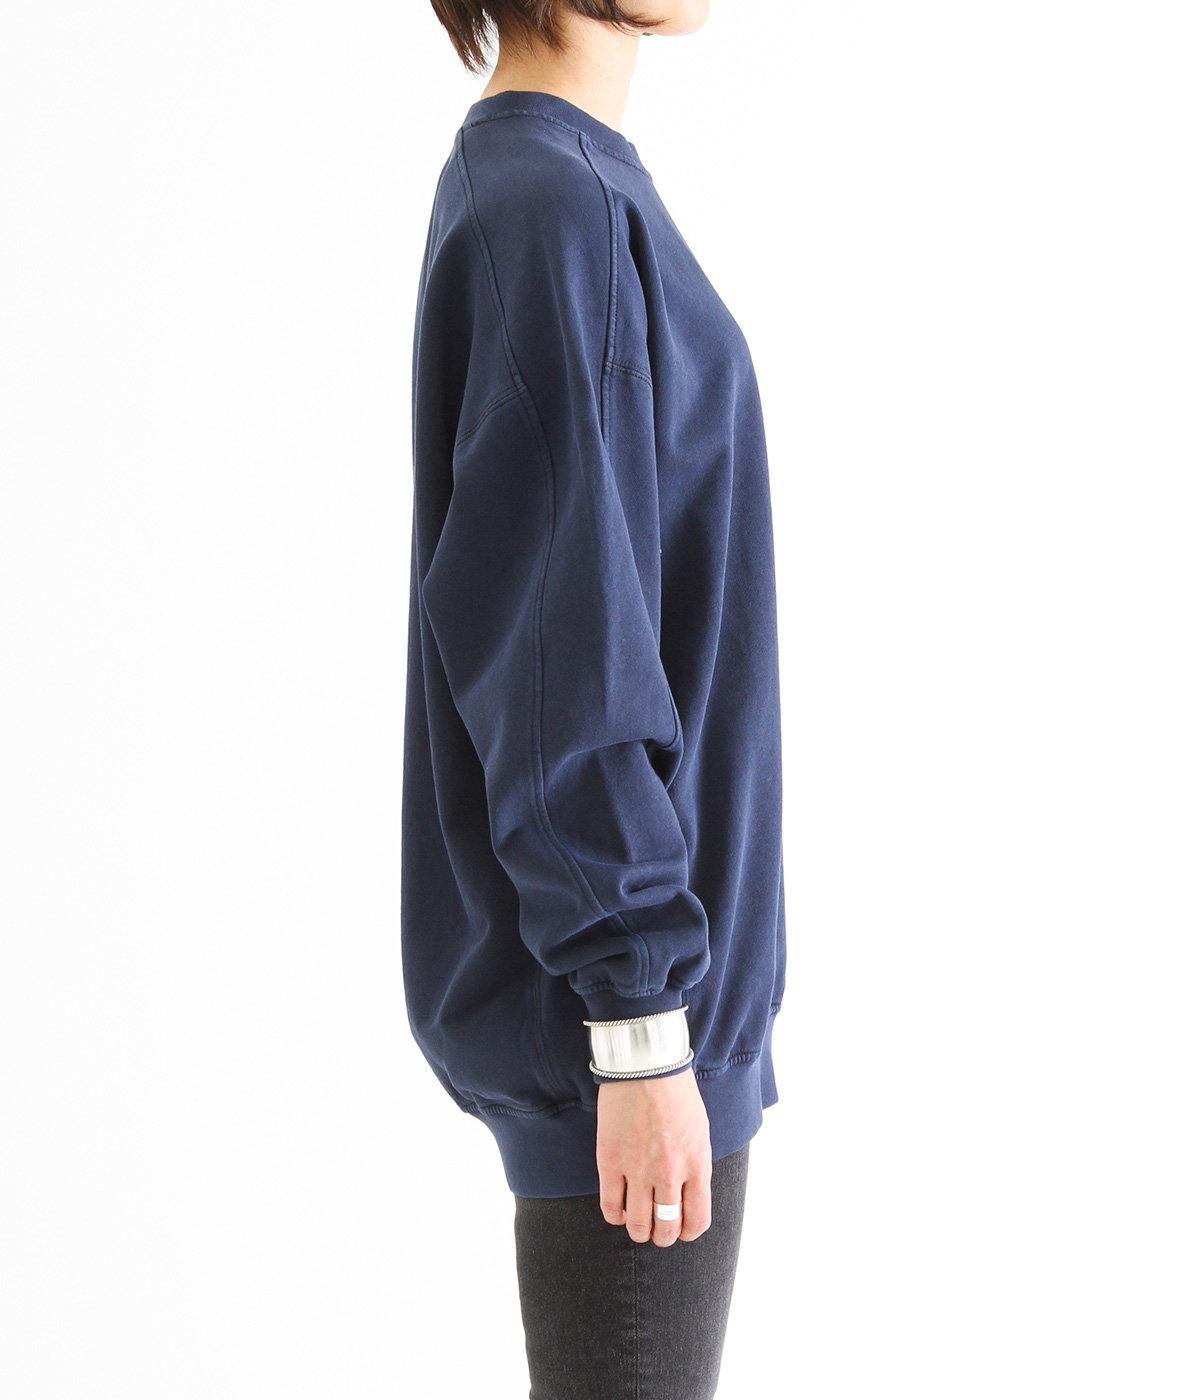 【レディース】Wora(Sweatshirts)